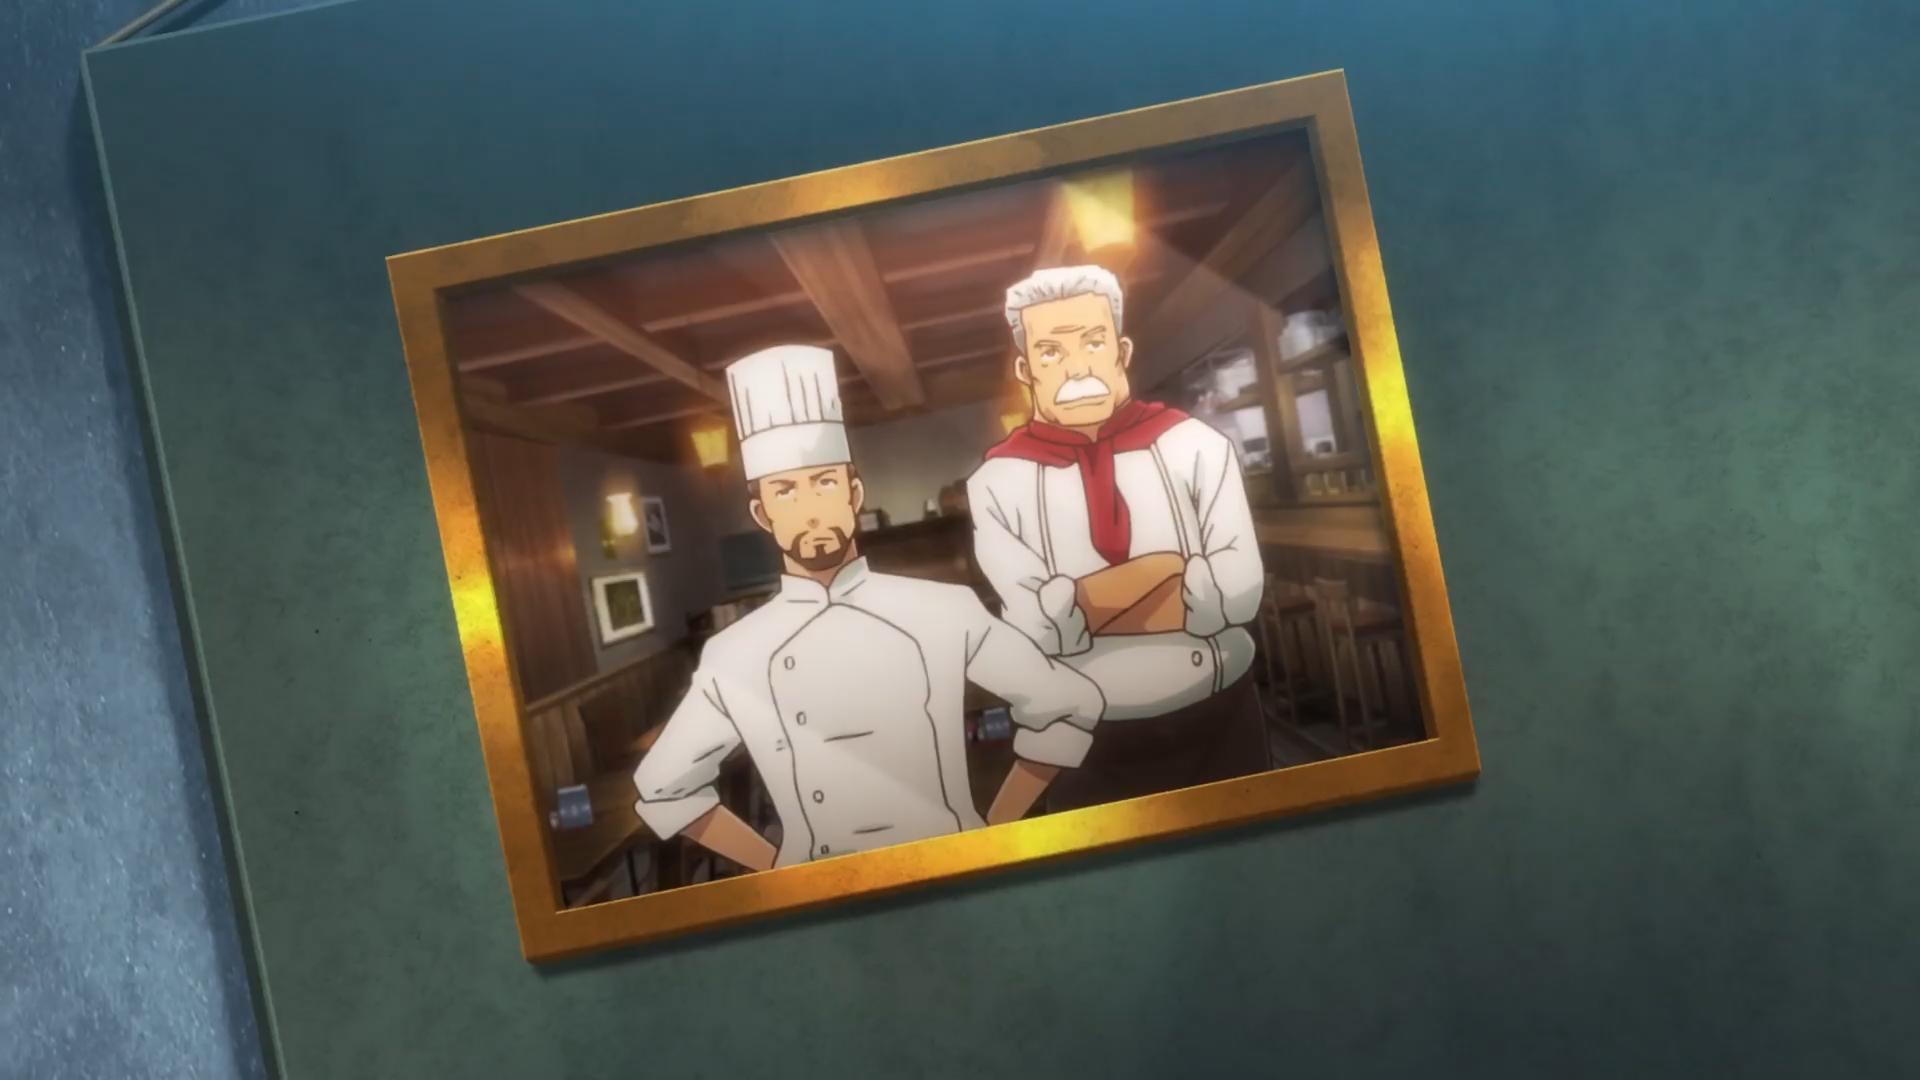 Ресторан из другого мира, кадр № 1